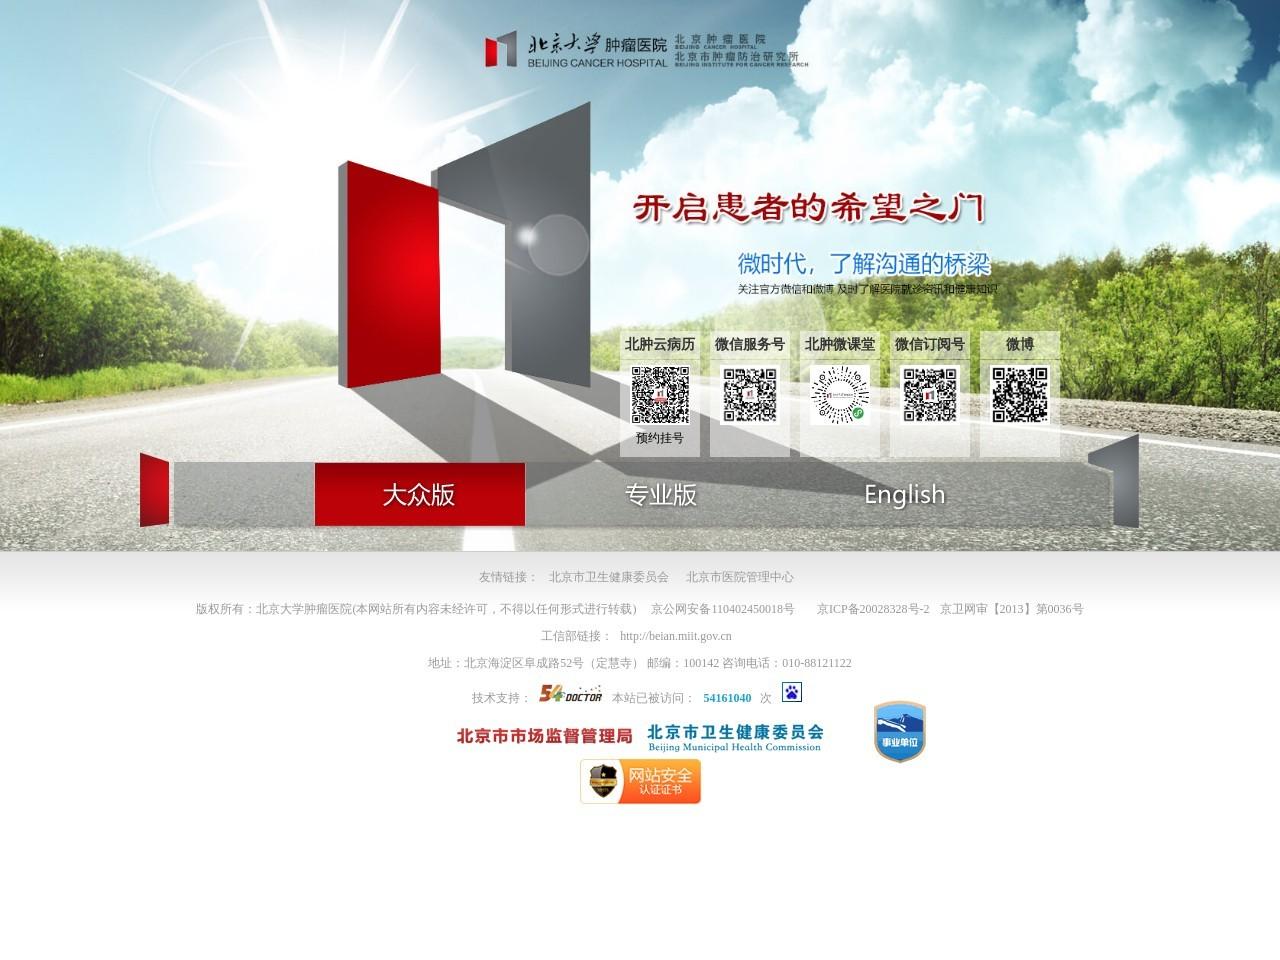 北京大学肿瘤医院 北京大学临床肿瘤学院、北京市肿瘤防治研究所